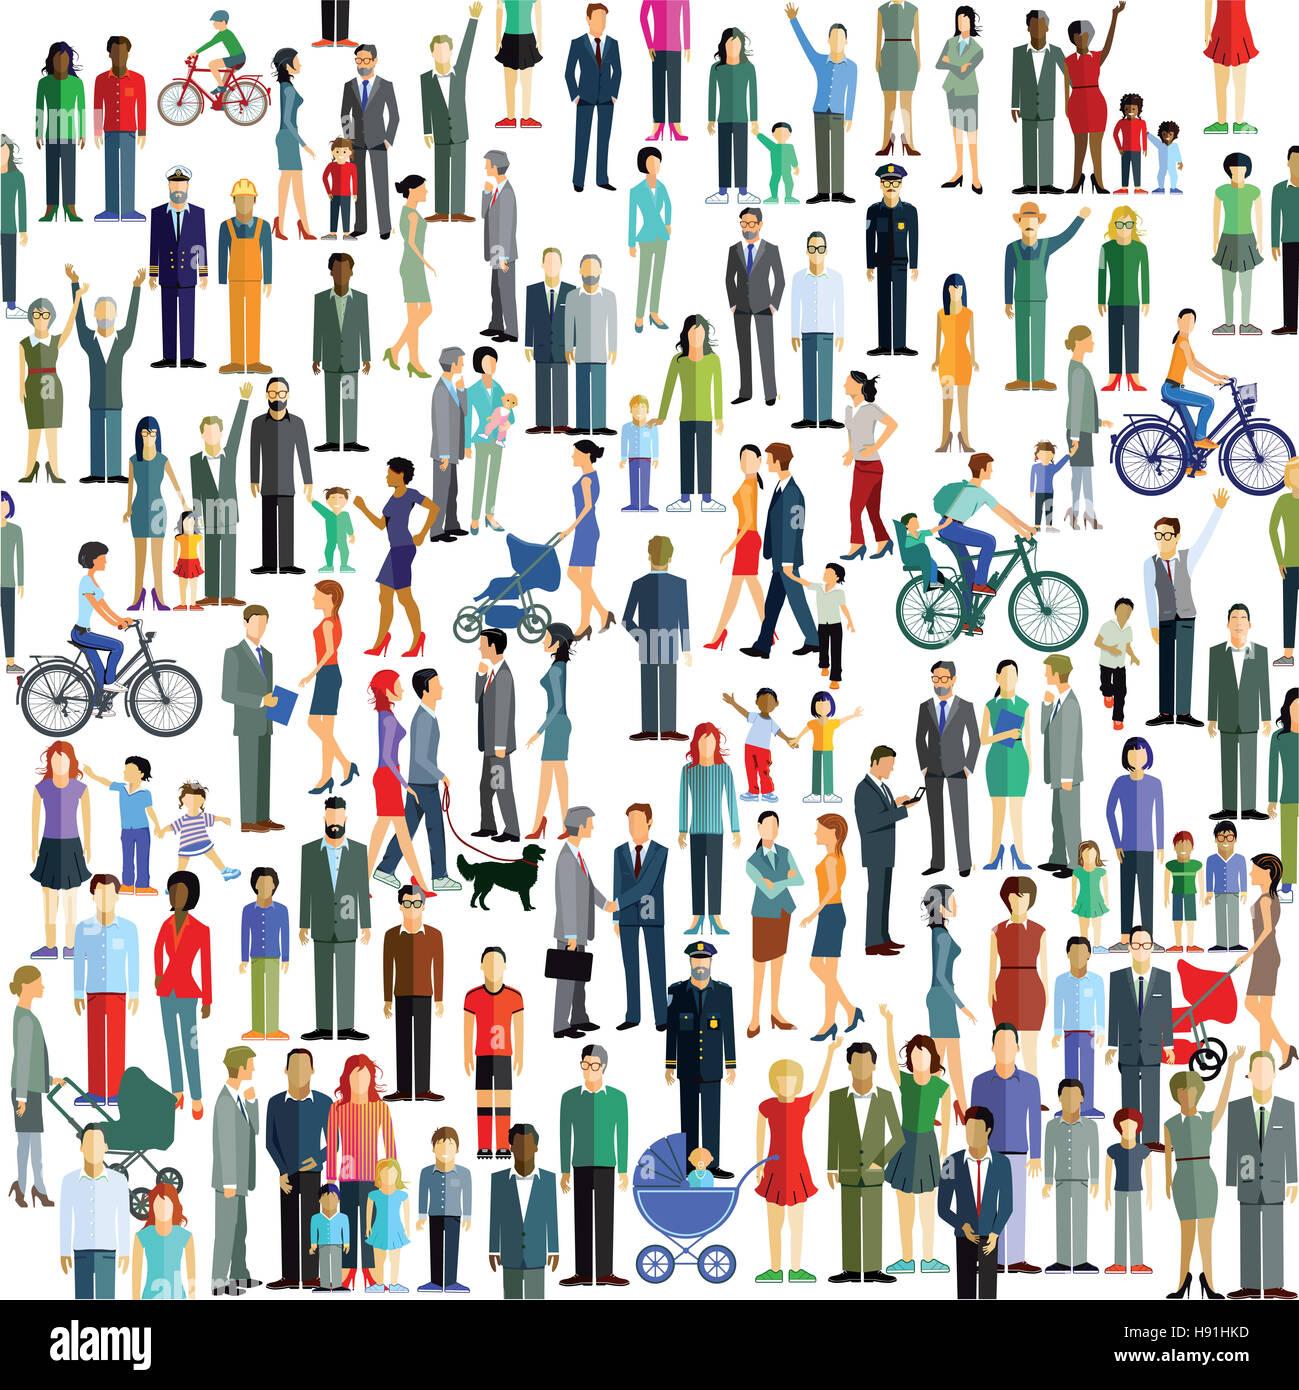 Menge, Gemeinde, Bürger, Einwohner, Eltern, Kinder, Stockbild